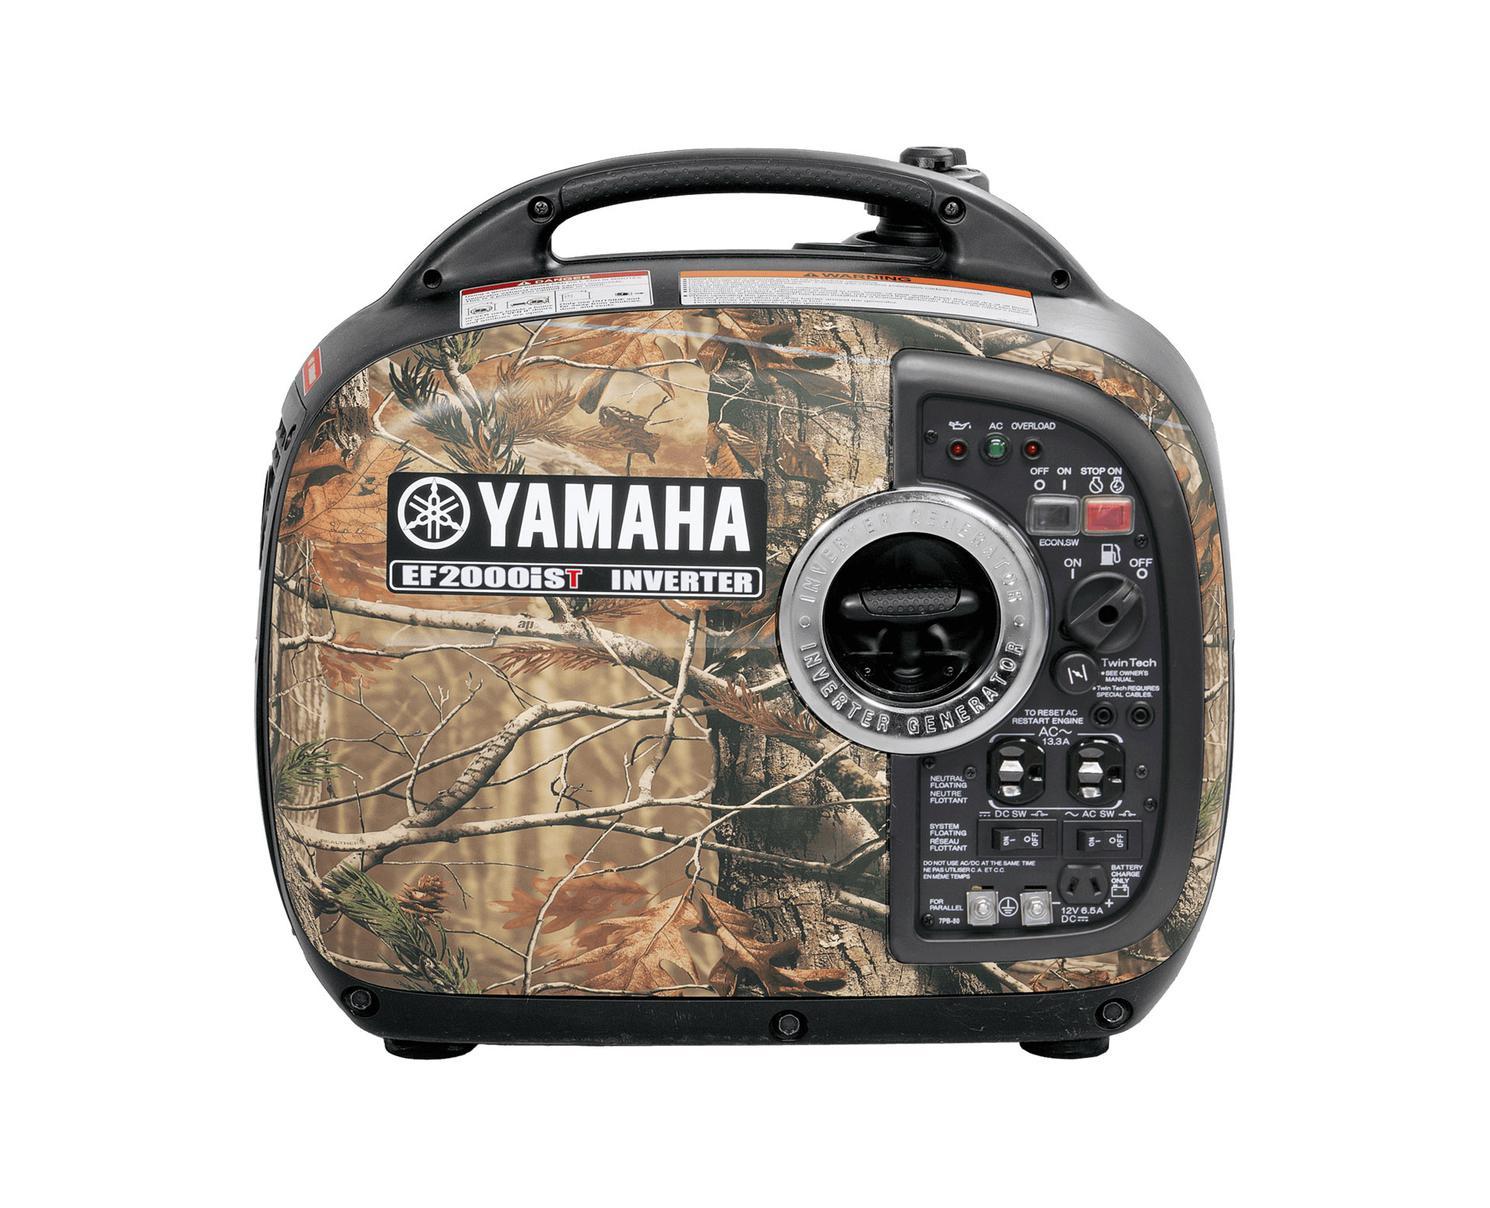 Yamaha Génératrices à inverseur EF2000IST Camouflage Noir